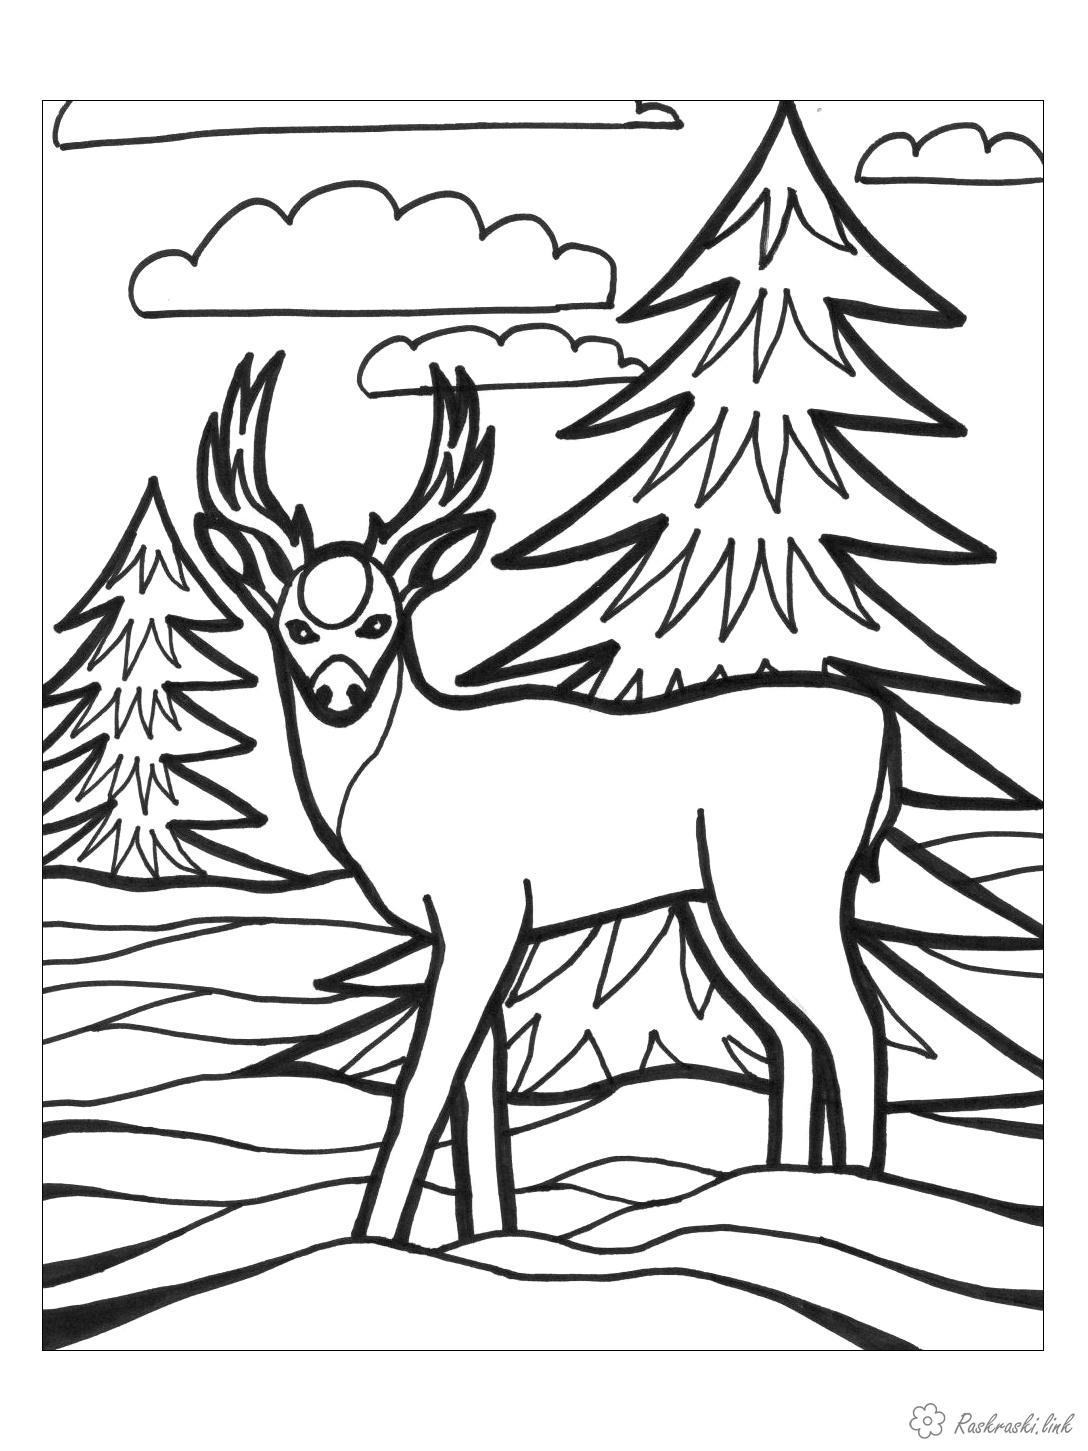 Раскраски зима Раскраска  животные, природа, дикие животные, лесные животные, раскраска олень, рога, ели, лес, снег, зима, облака